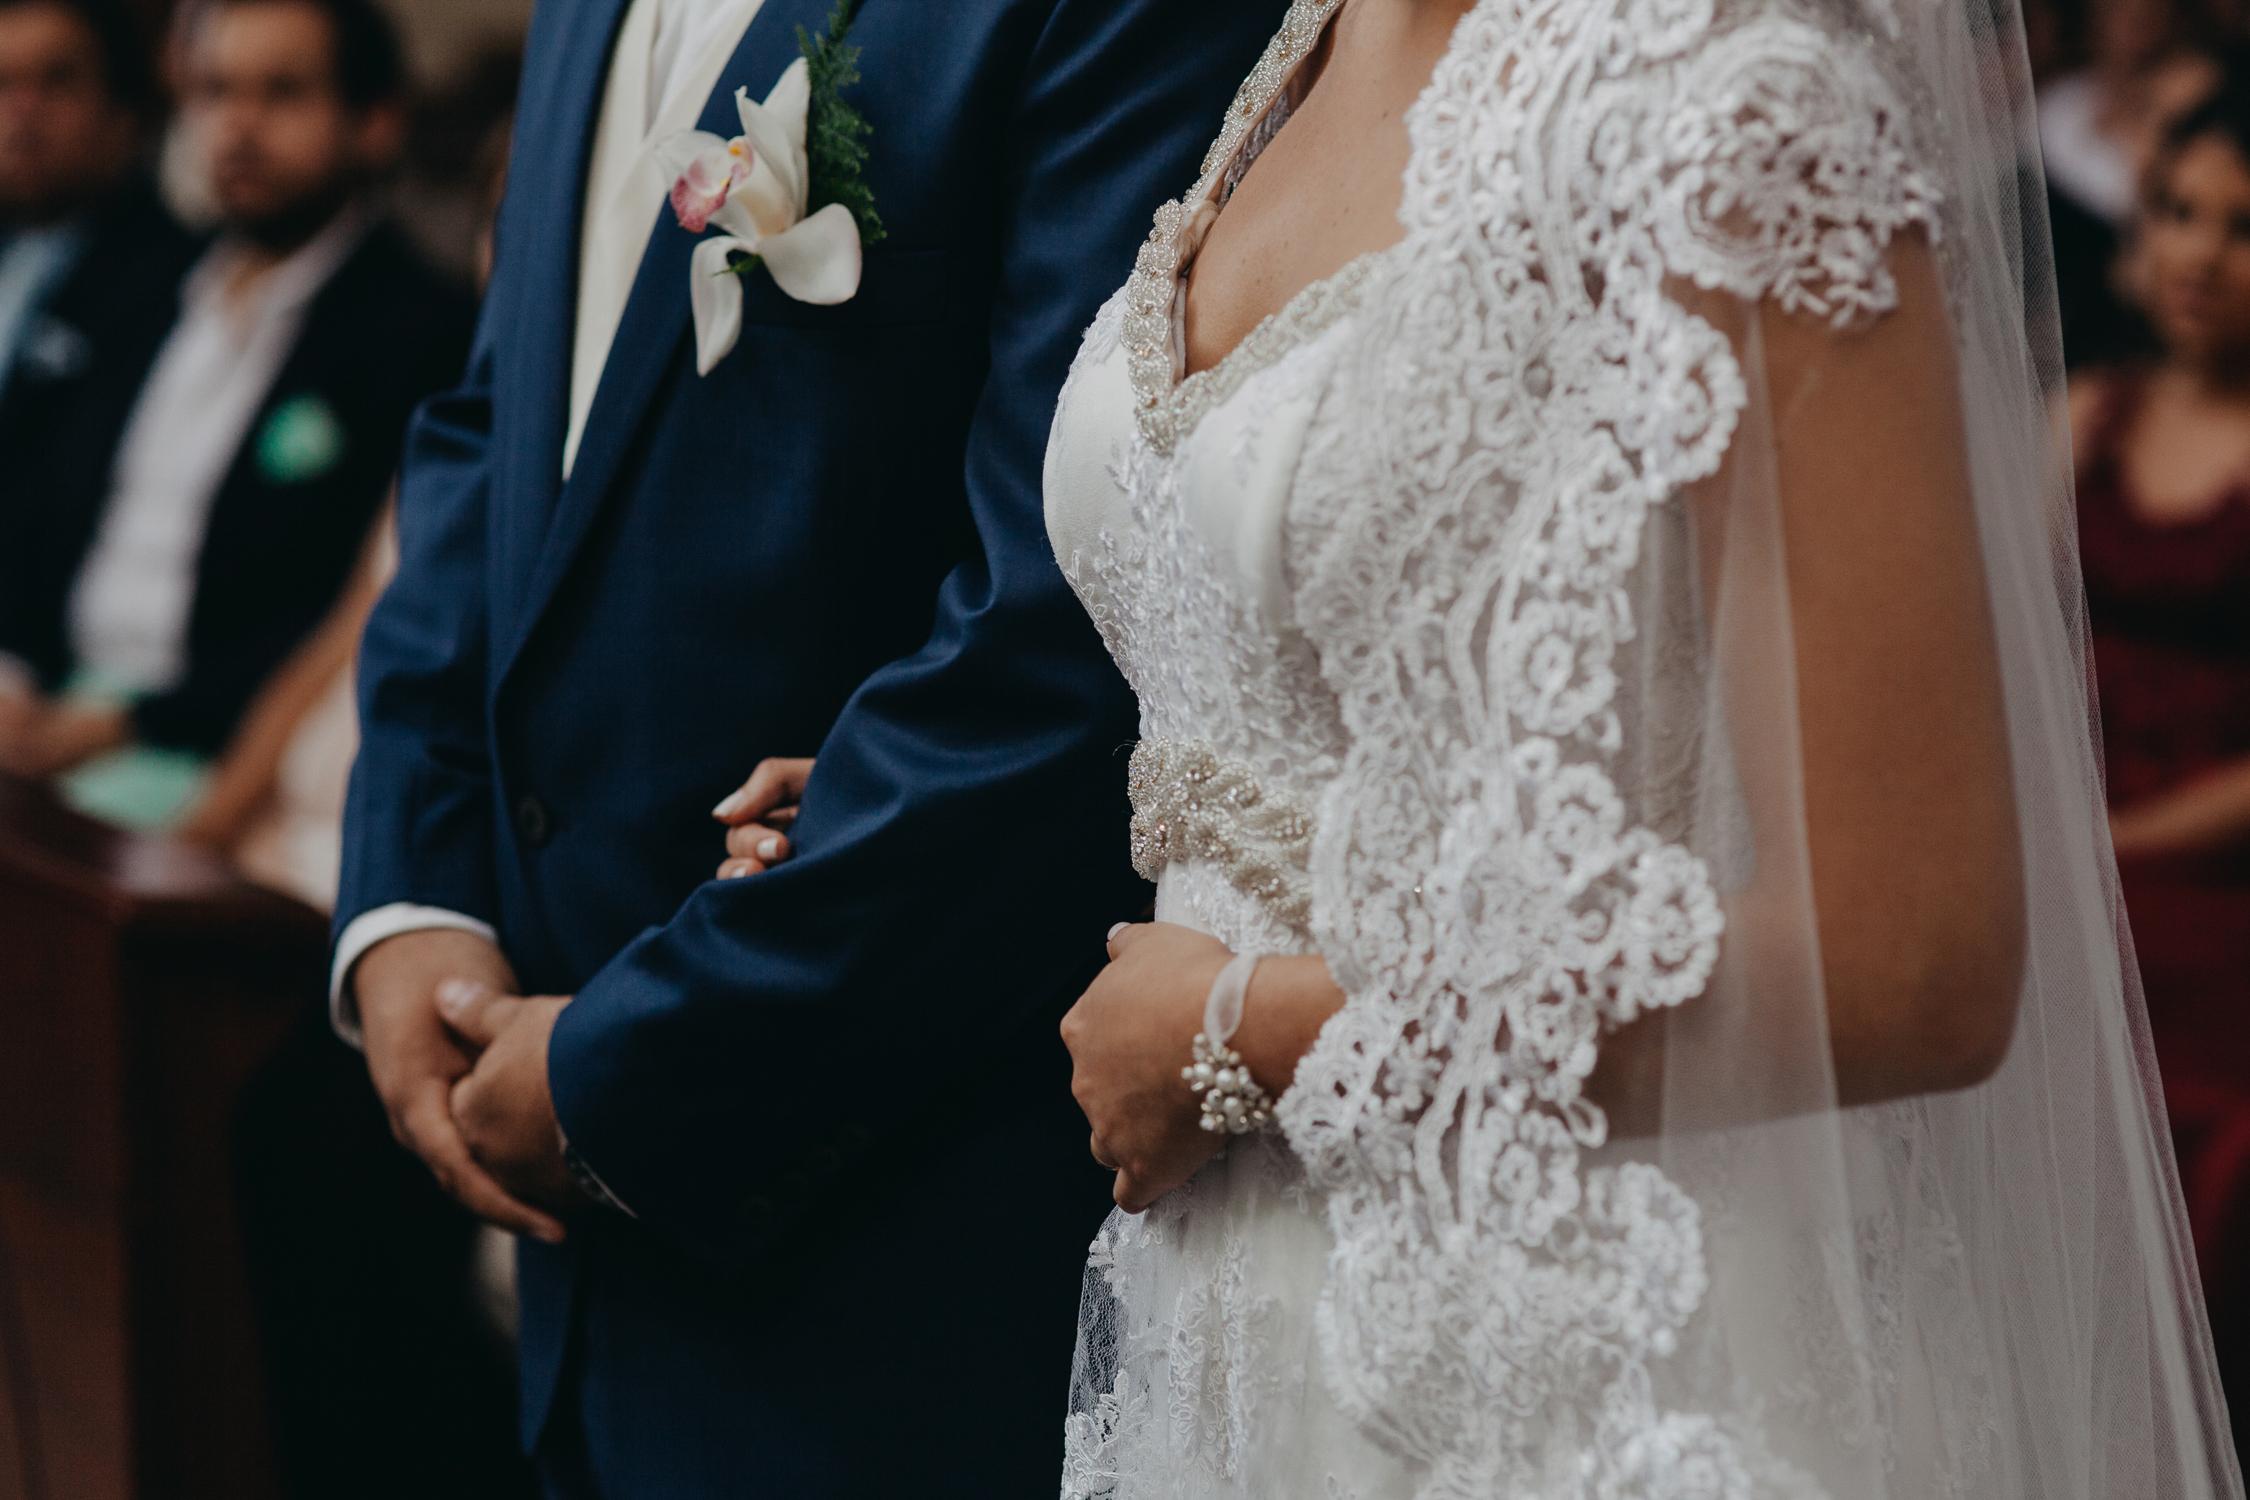 Michelle-Agurto-Fotografia-Bodas-Ecuador-Destination-Wedding-Photographer-Cristi-Luis-53.JPG